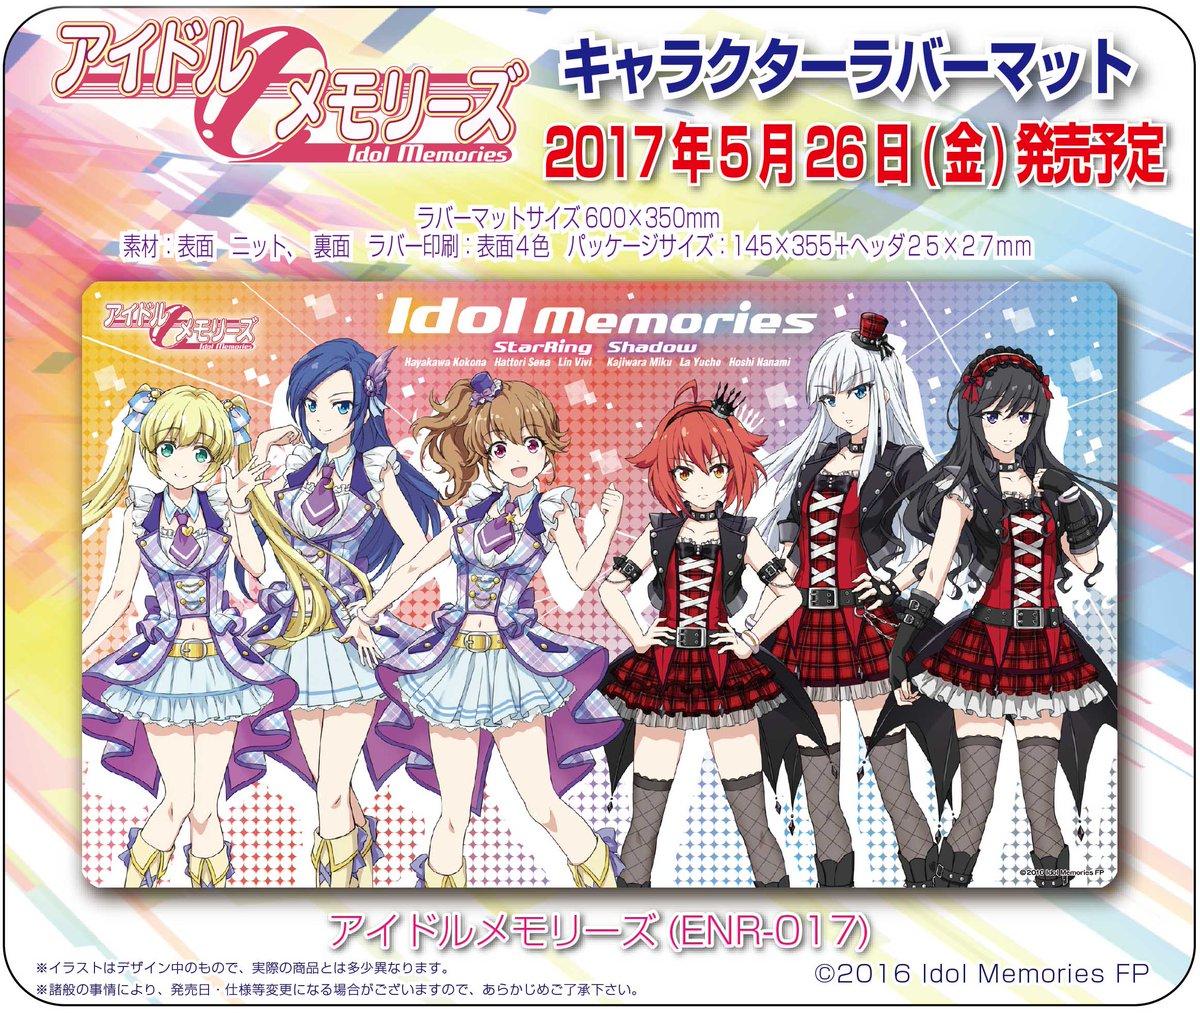 アイドルメモリーズの「キャラクターラバーマット」発売決定!5月26日発売予定です!詳細は公式サイト<>またはエンスカイ様